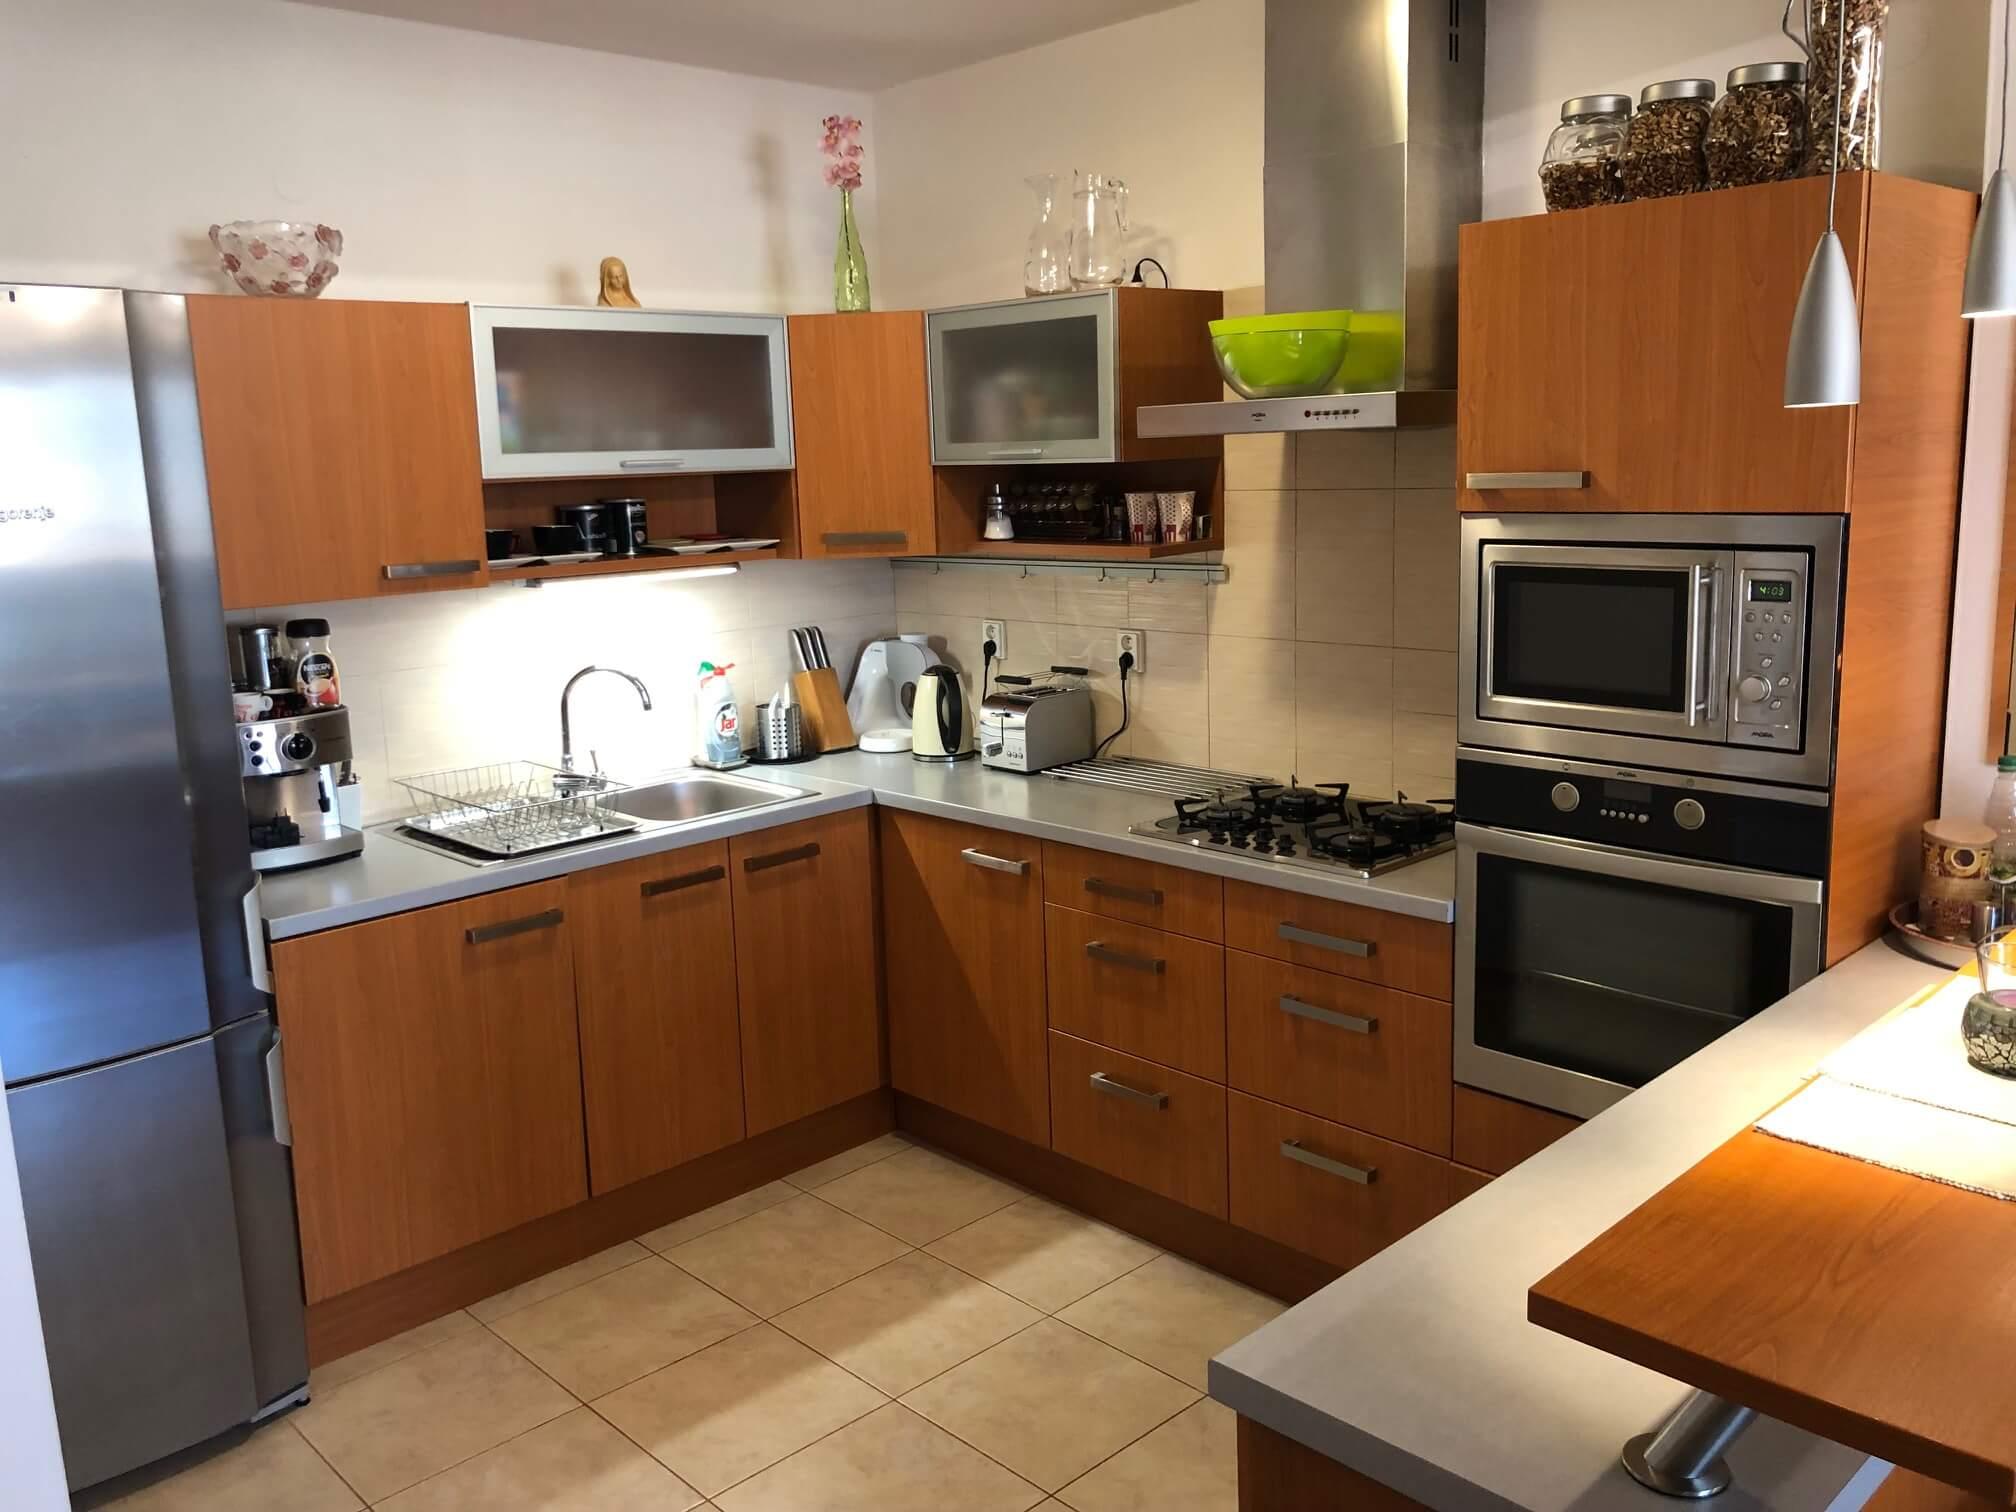 Predané: Exkluzívne na predaj 3 izb. byt, 72 m2, balkón 8 m2, parkovacie státie, Bratislava, Petržalka, Budatínska-37